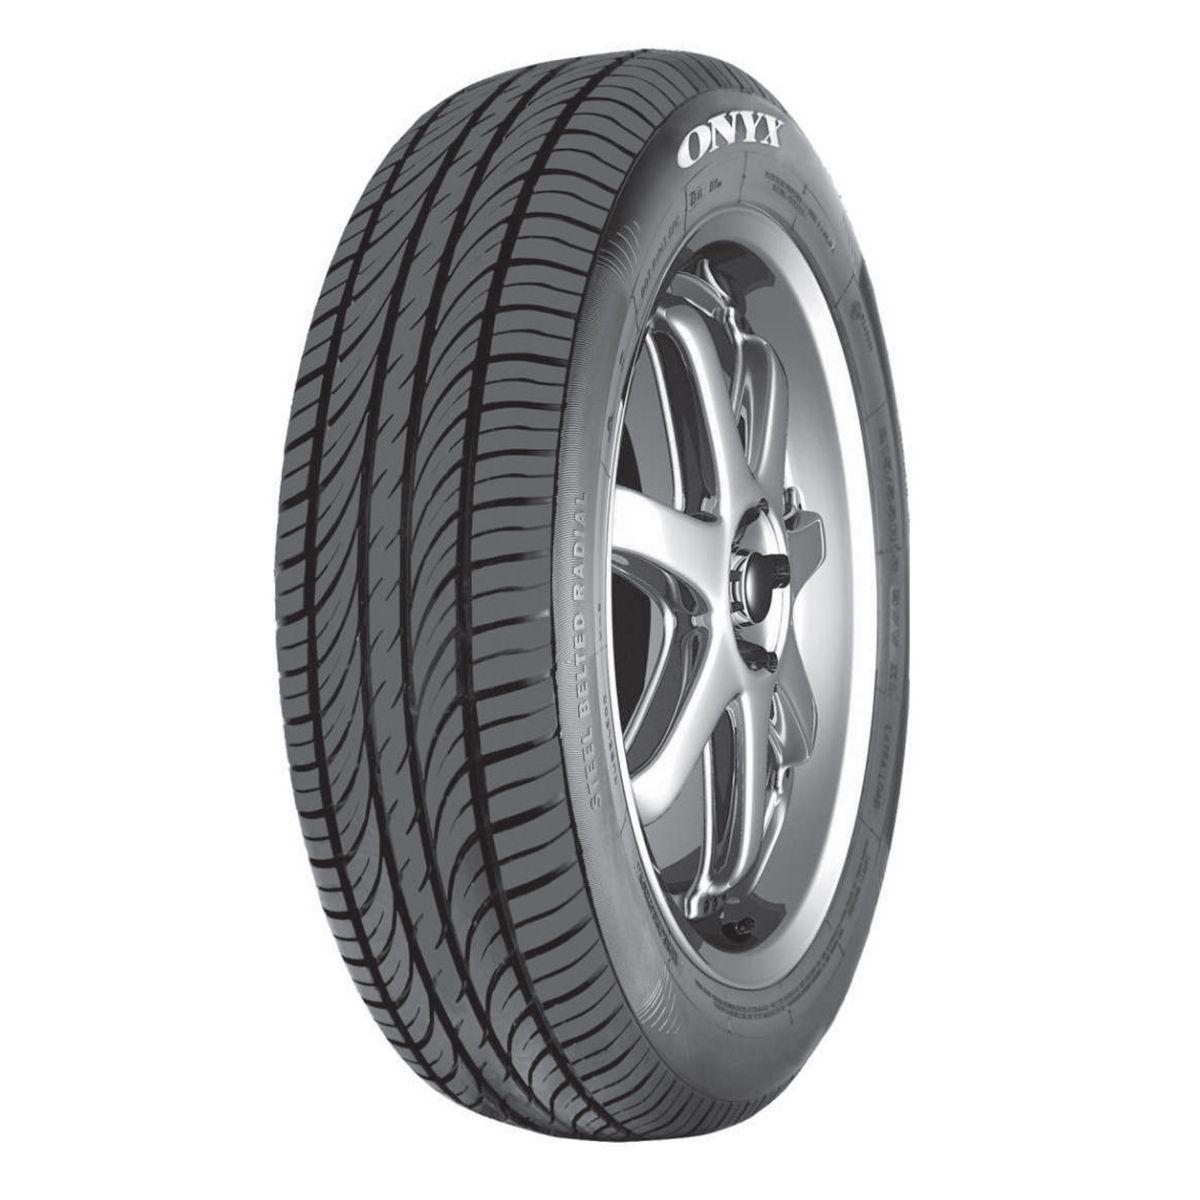 Pneu Onyx NY-901 Aro 16 205/55R16 91V